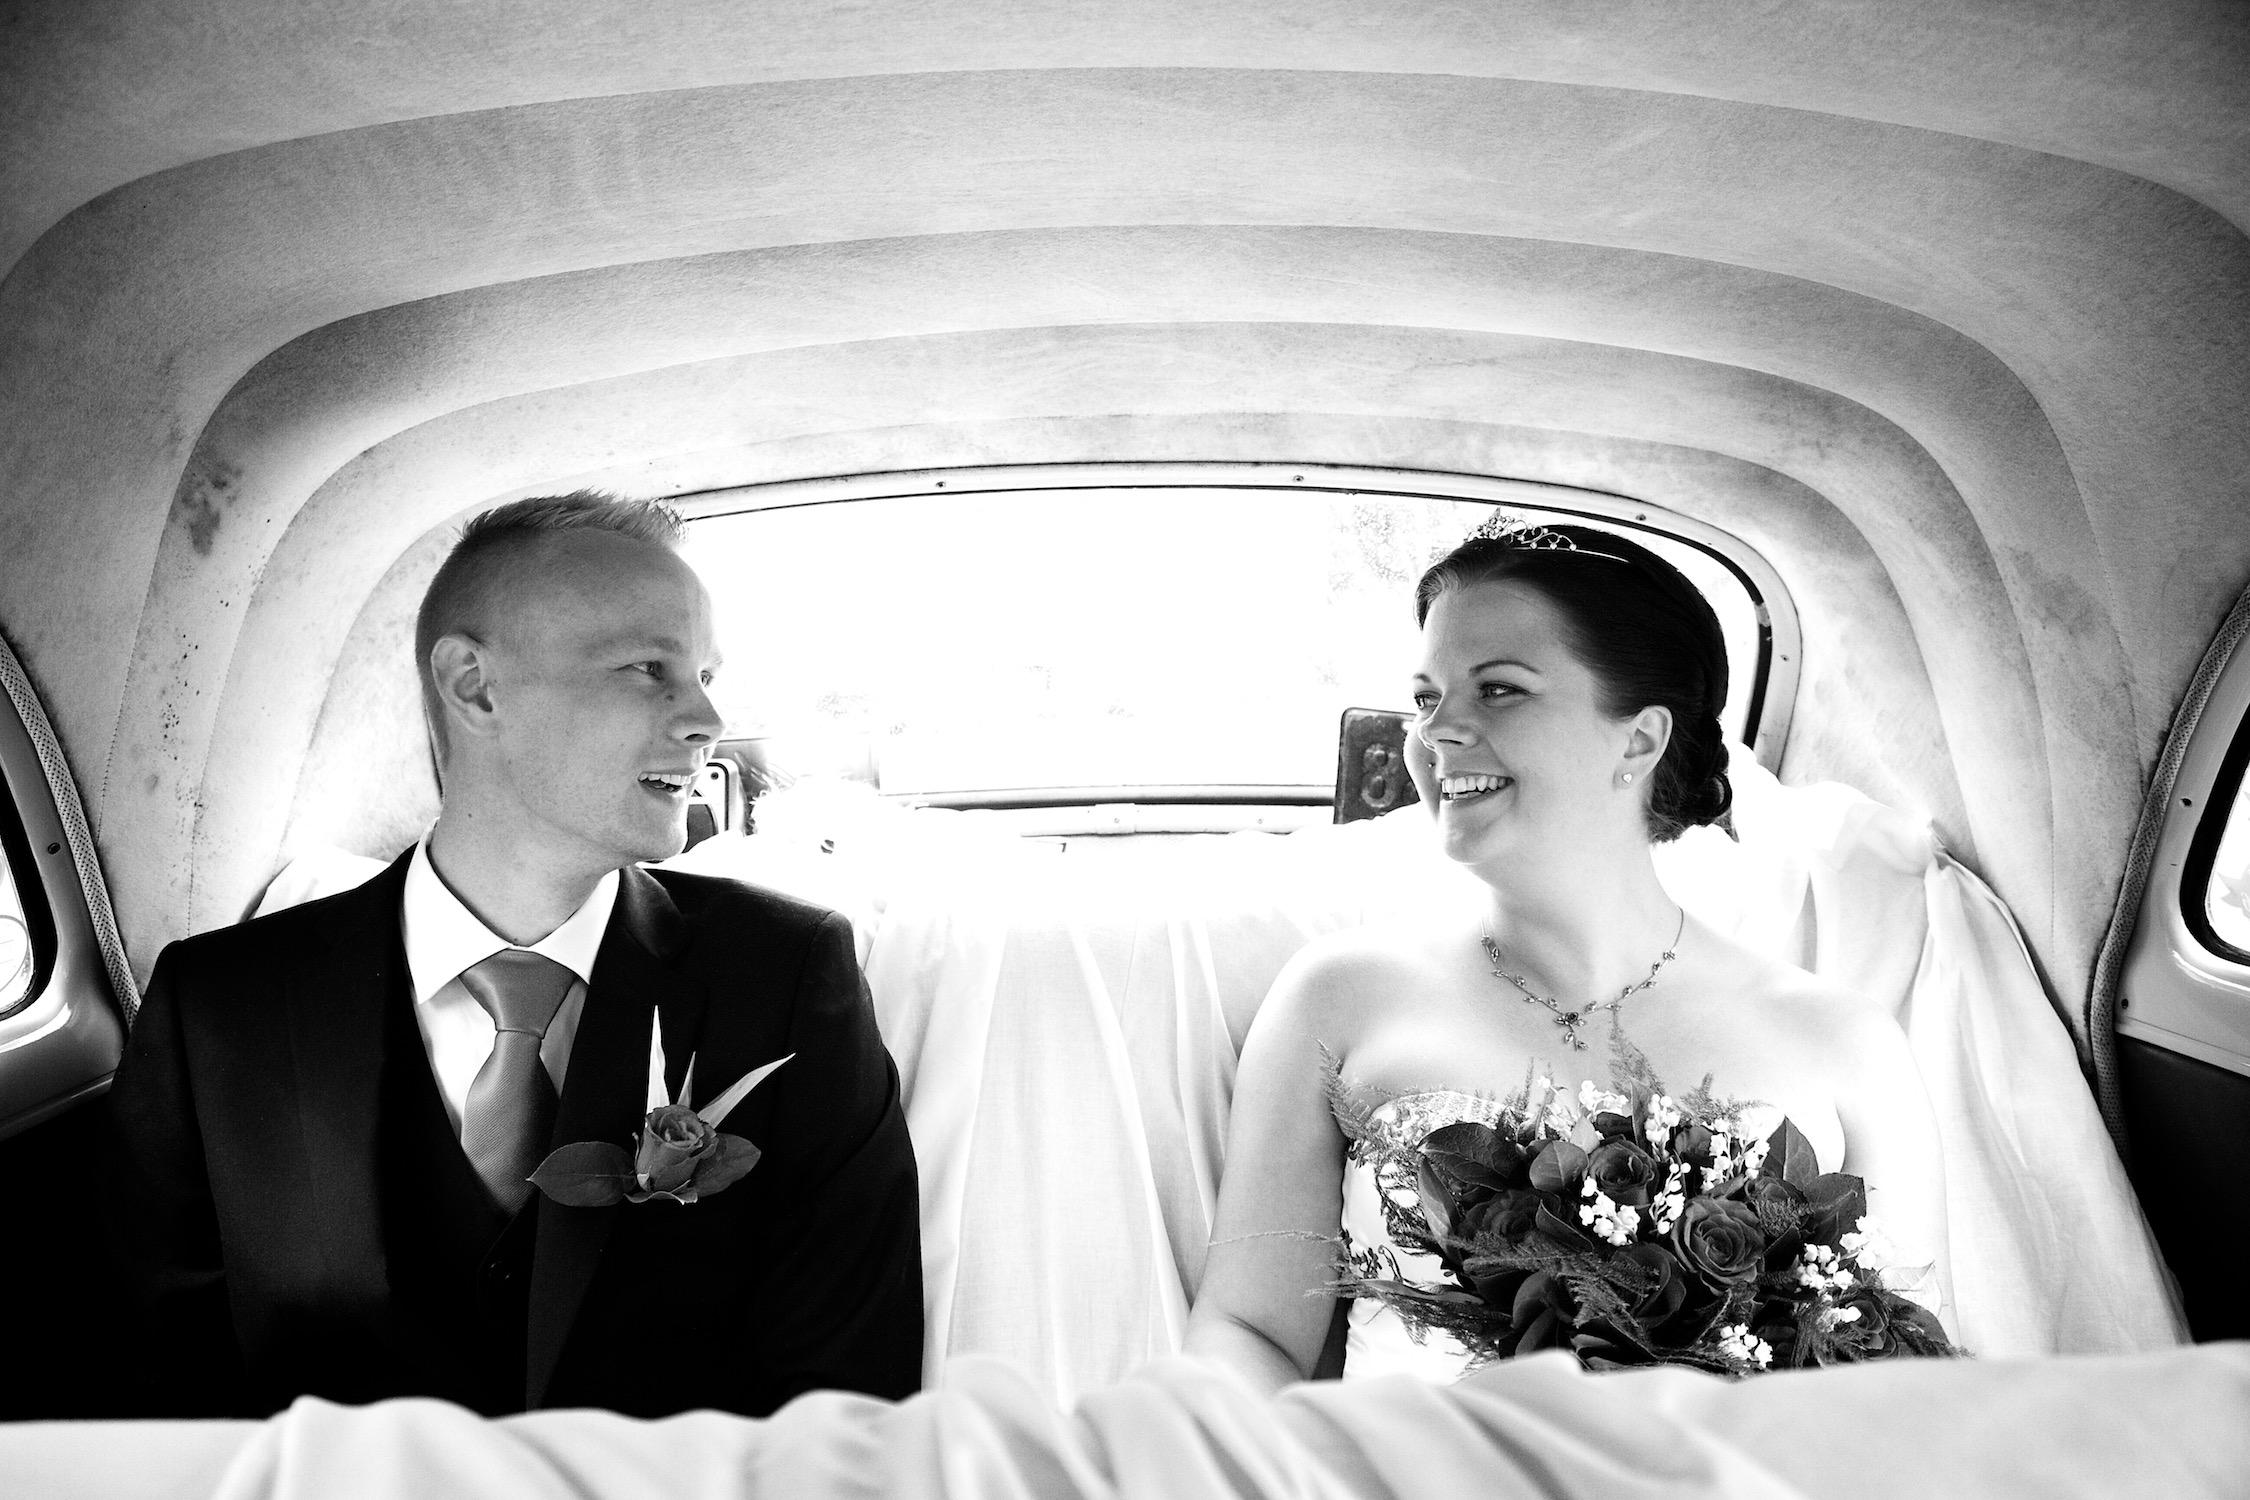 bryllup-bryllupsfotograf-bryllupsfotografering-fotograf-pål-hodne-hodne-design-hodnedesign 7.jpg